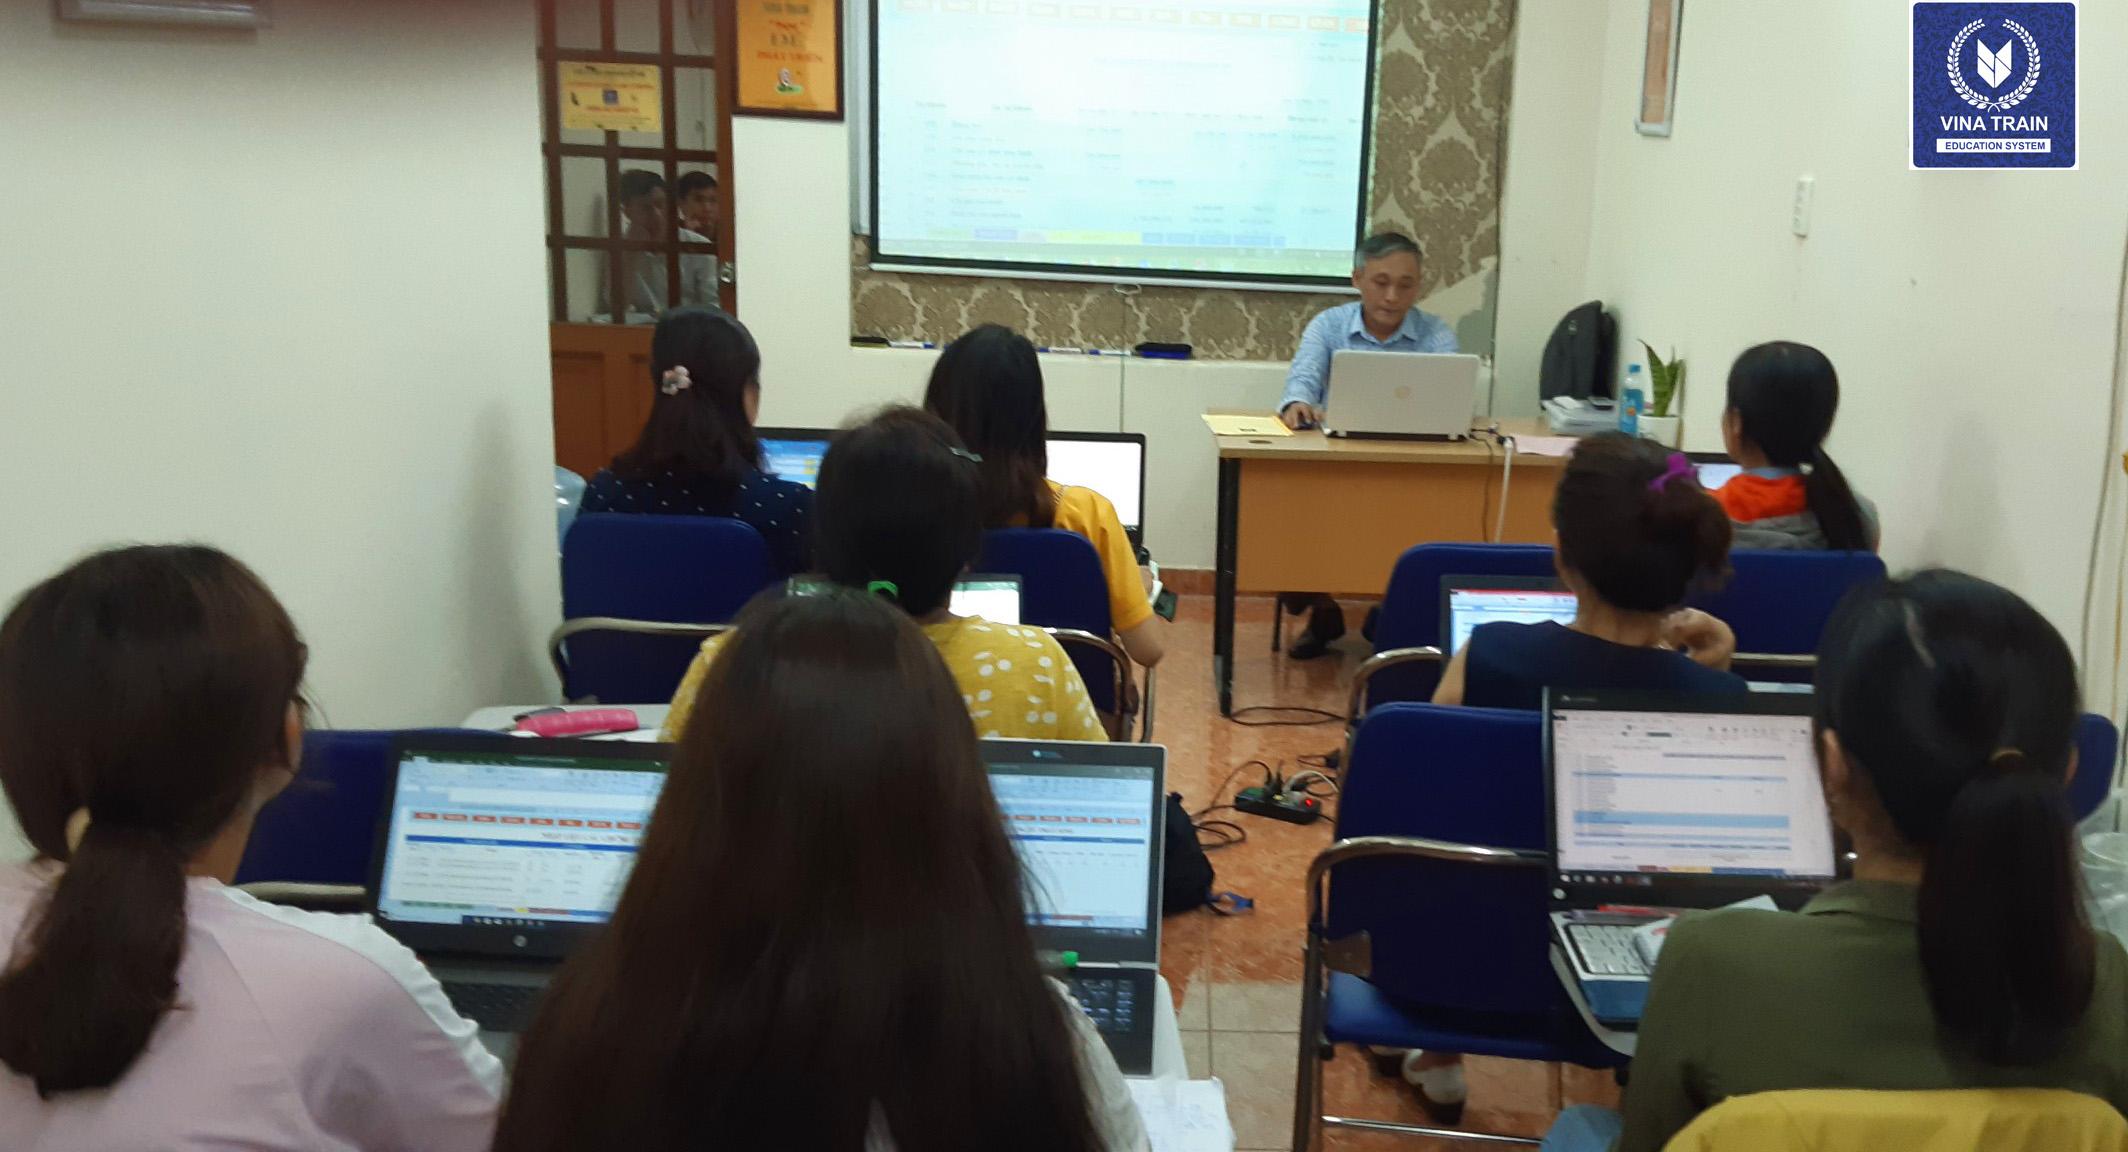 Khóa học khai báo hải quan tại VinaTrain (Hồ Chí Minh)